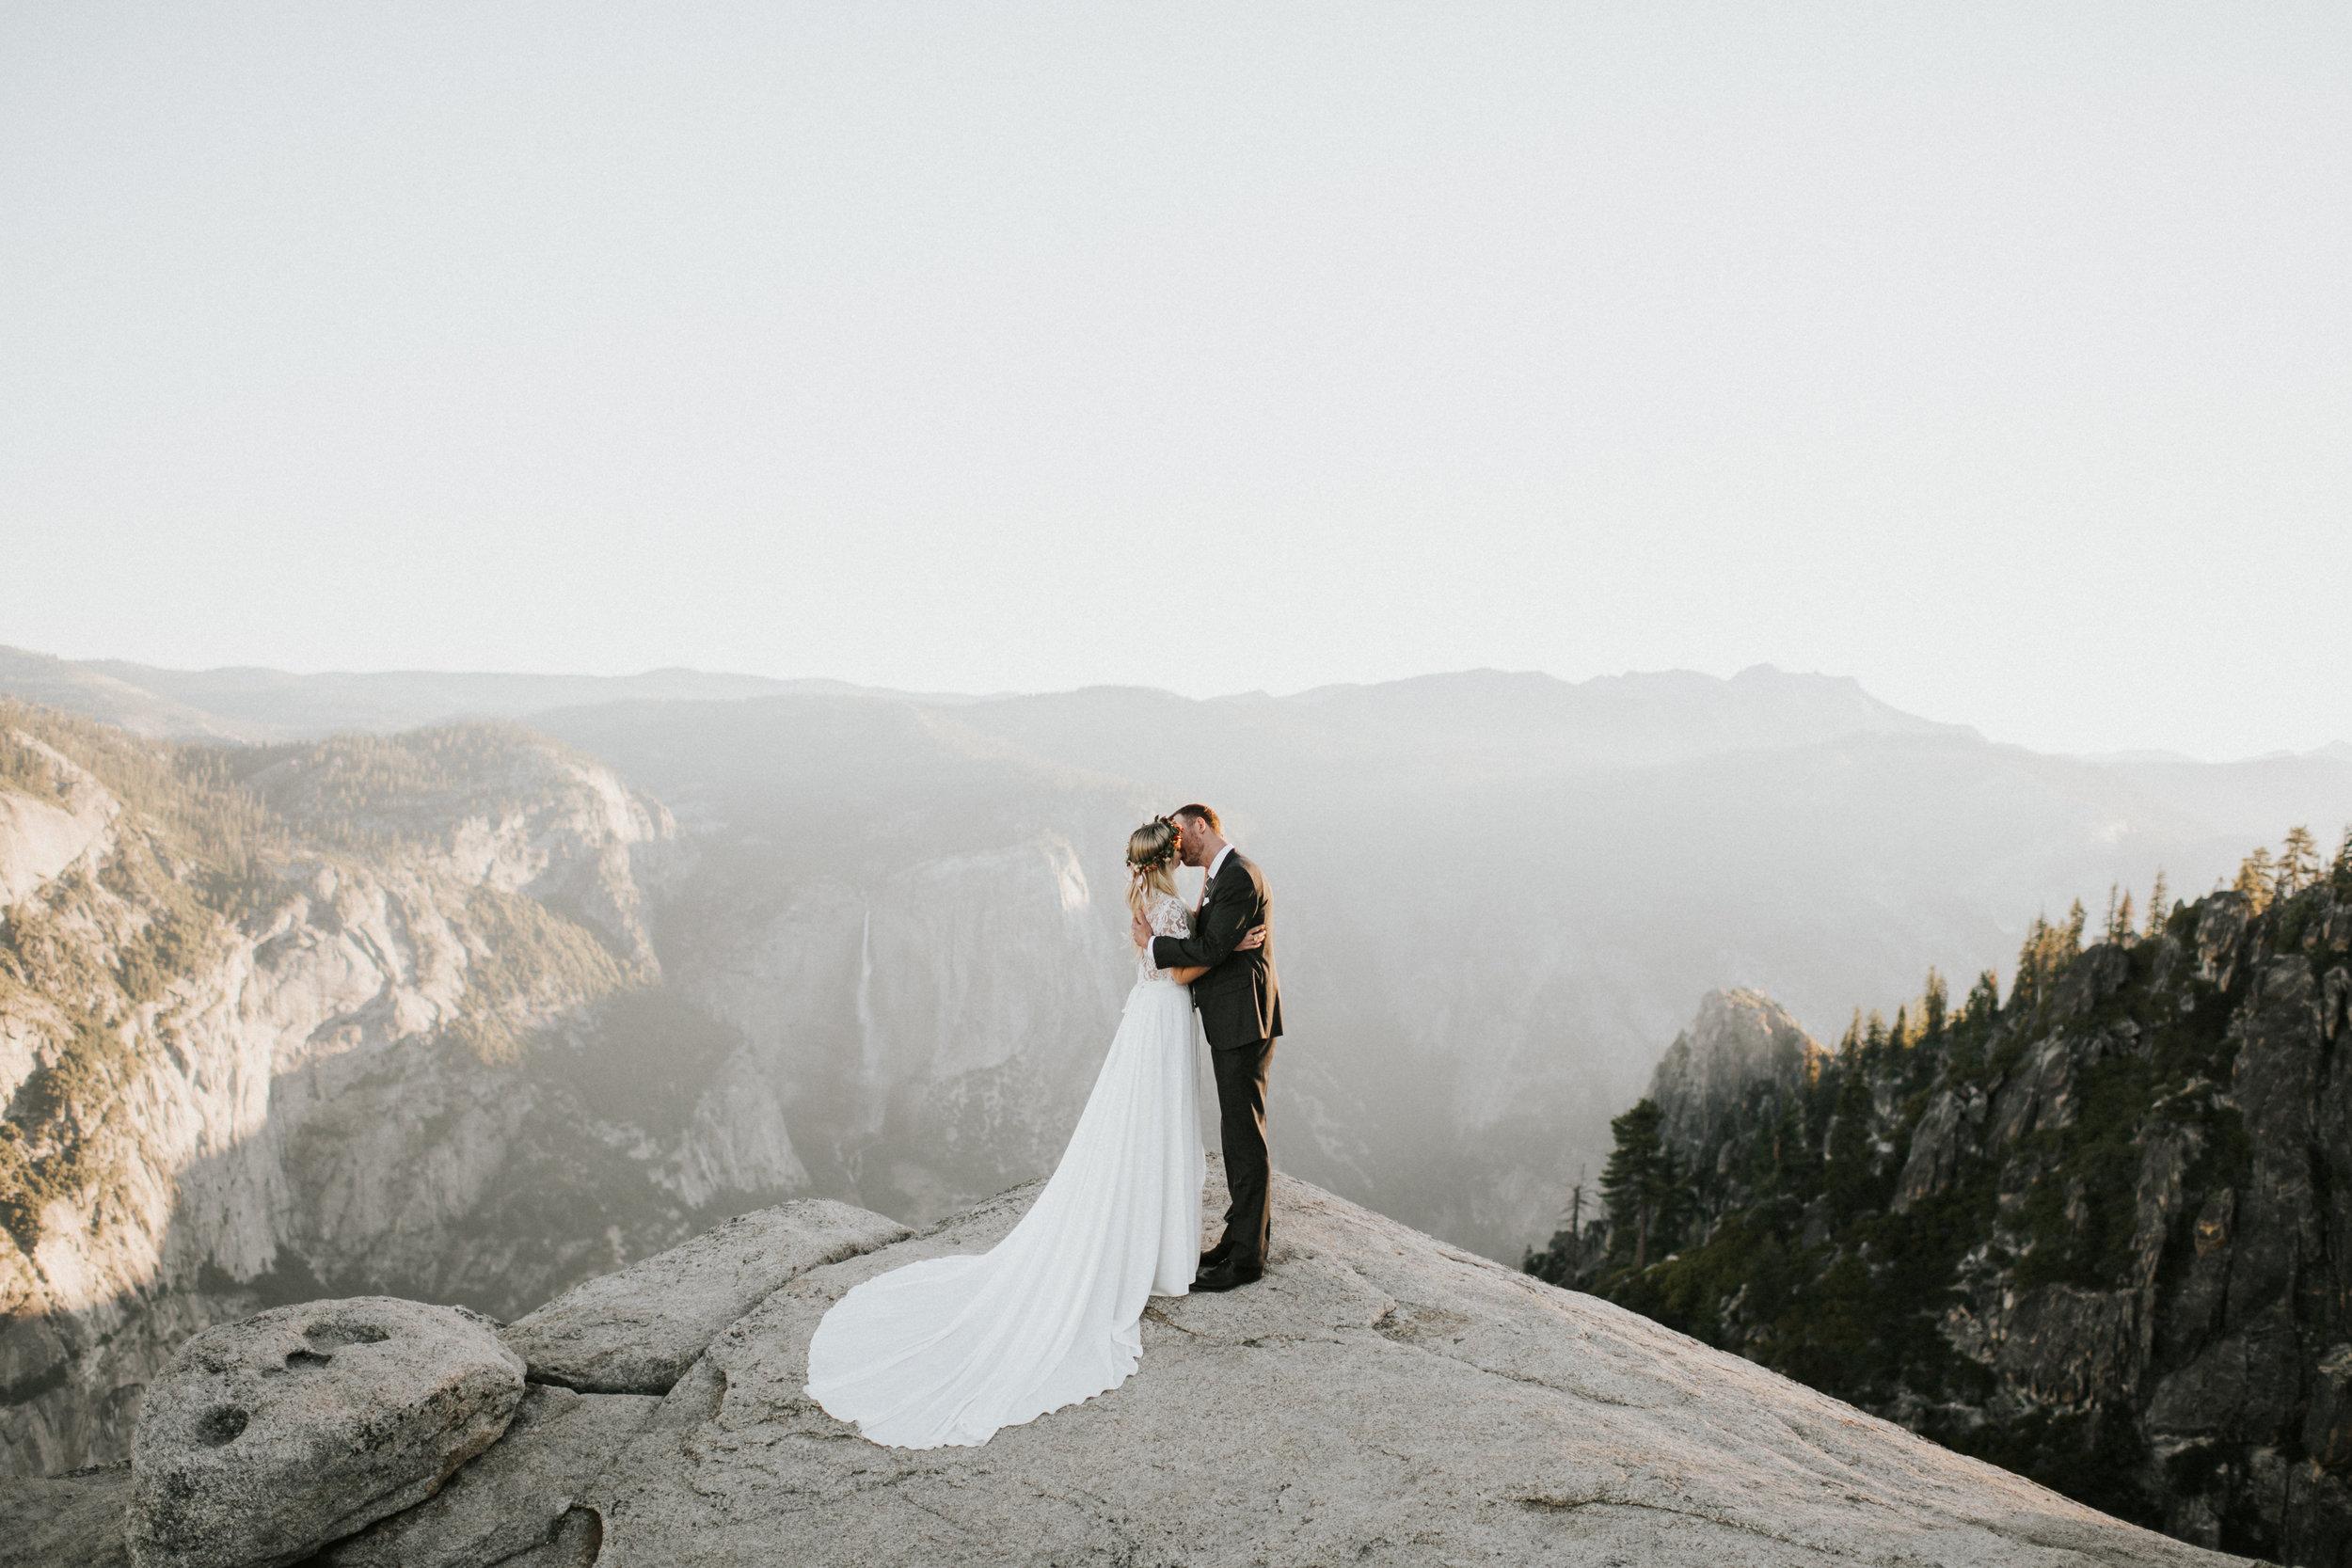 KiKi & Avram - Yosemite National Park